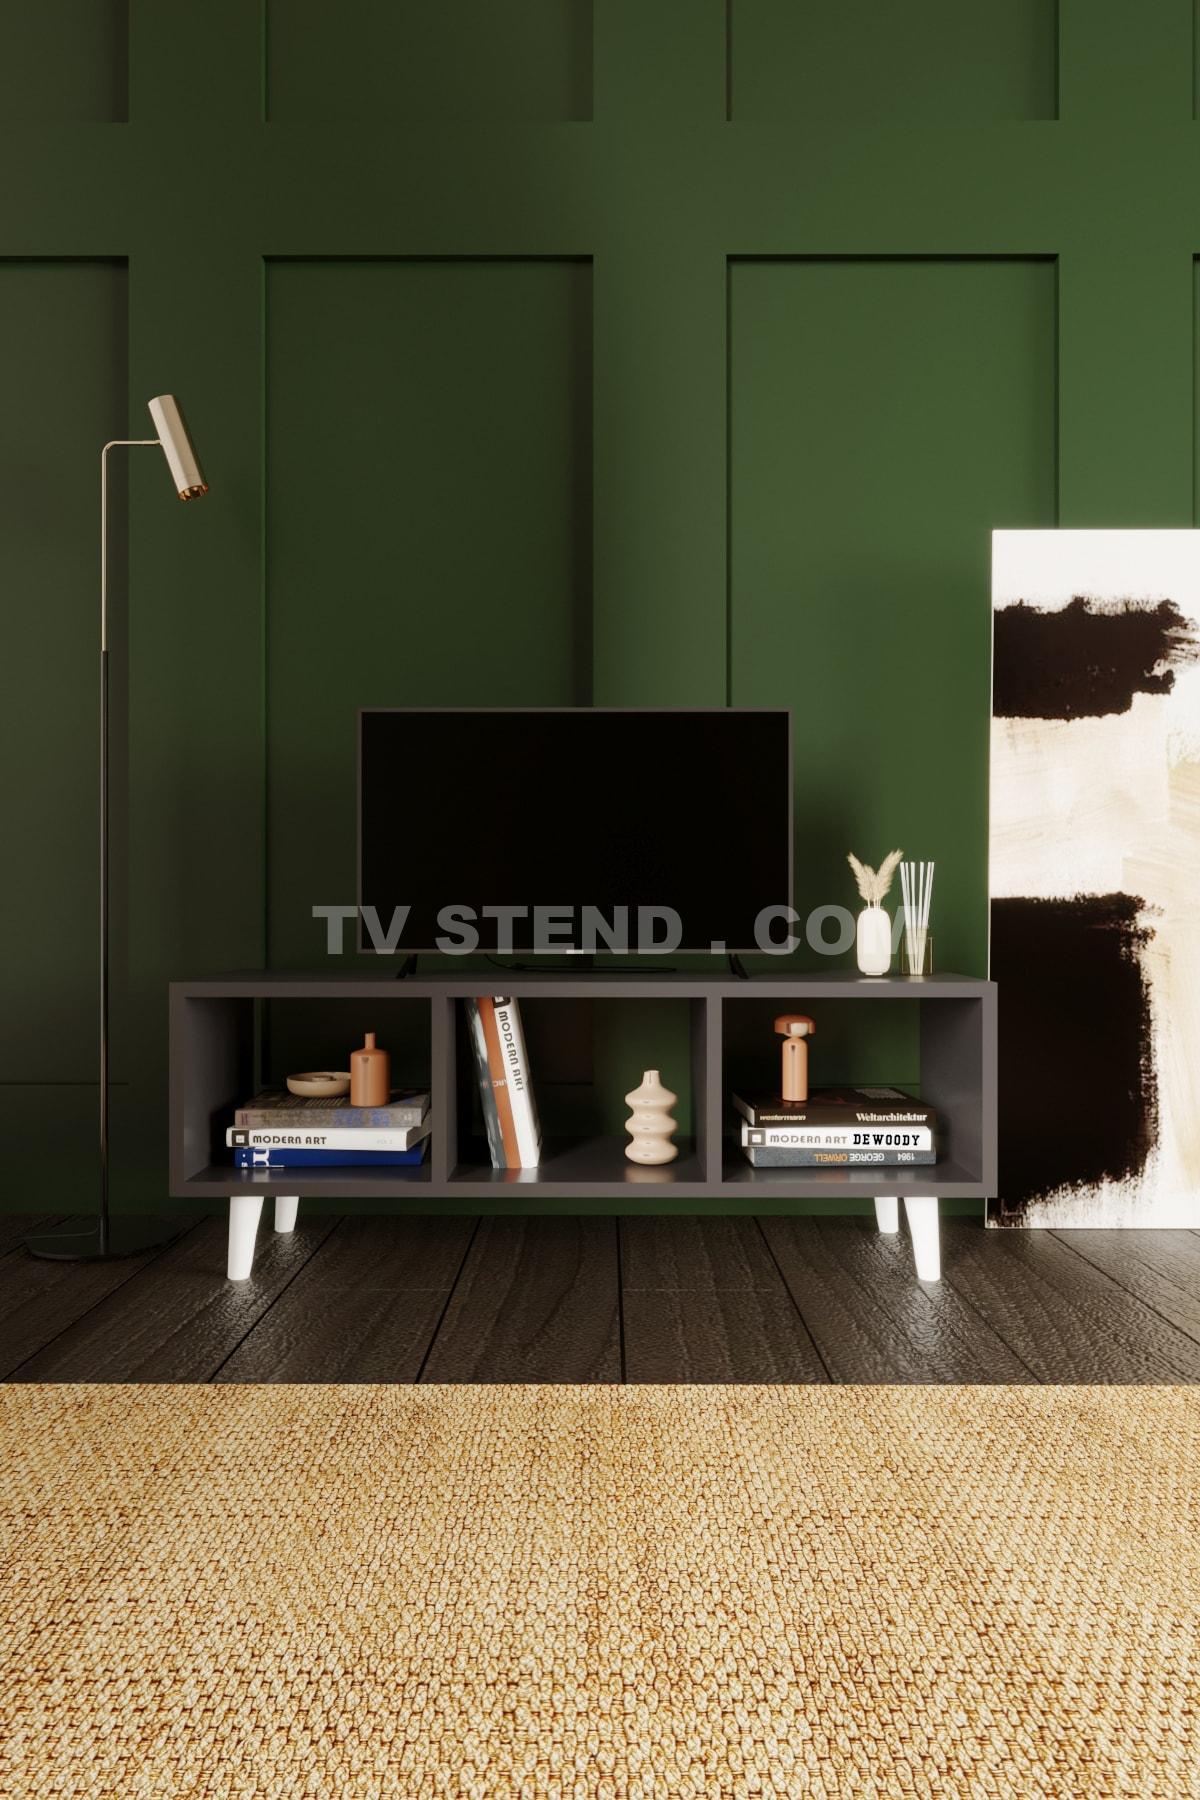 Dewoody tv stendler